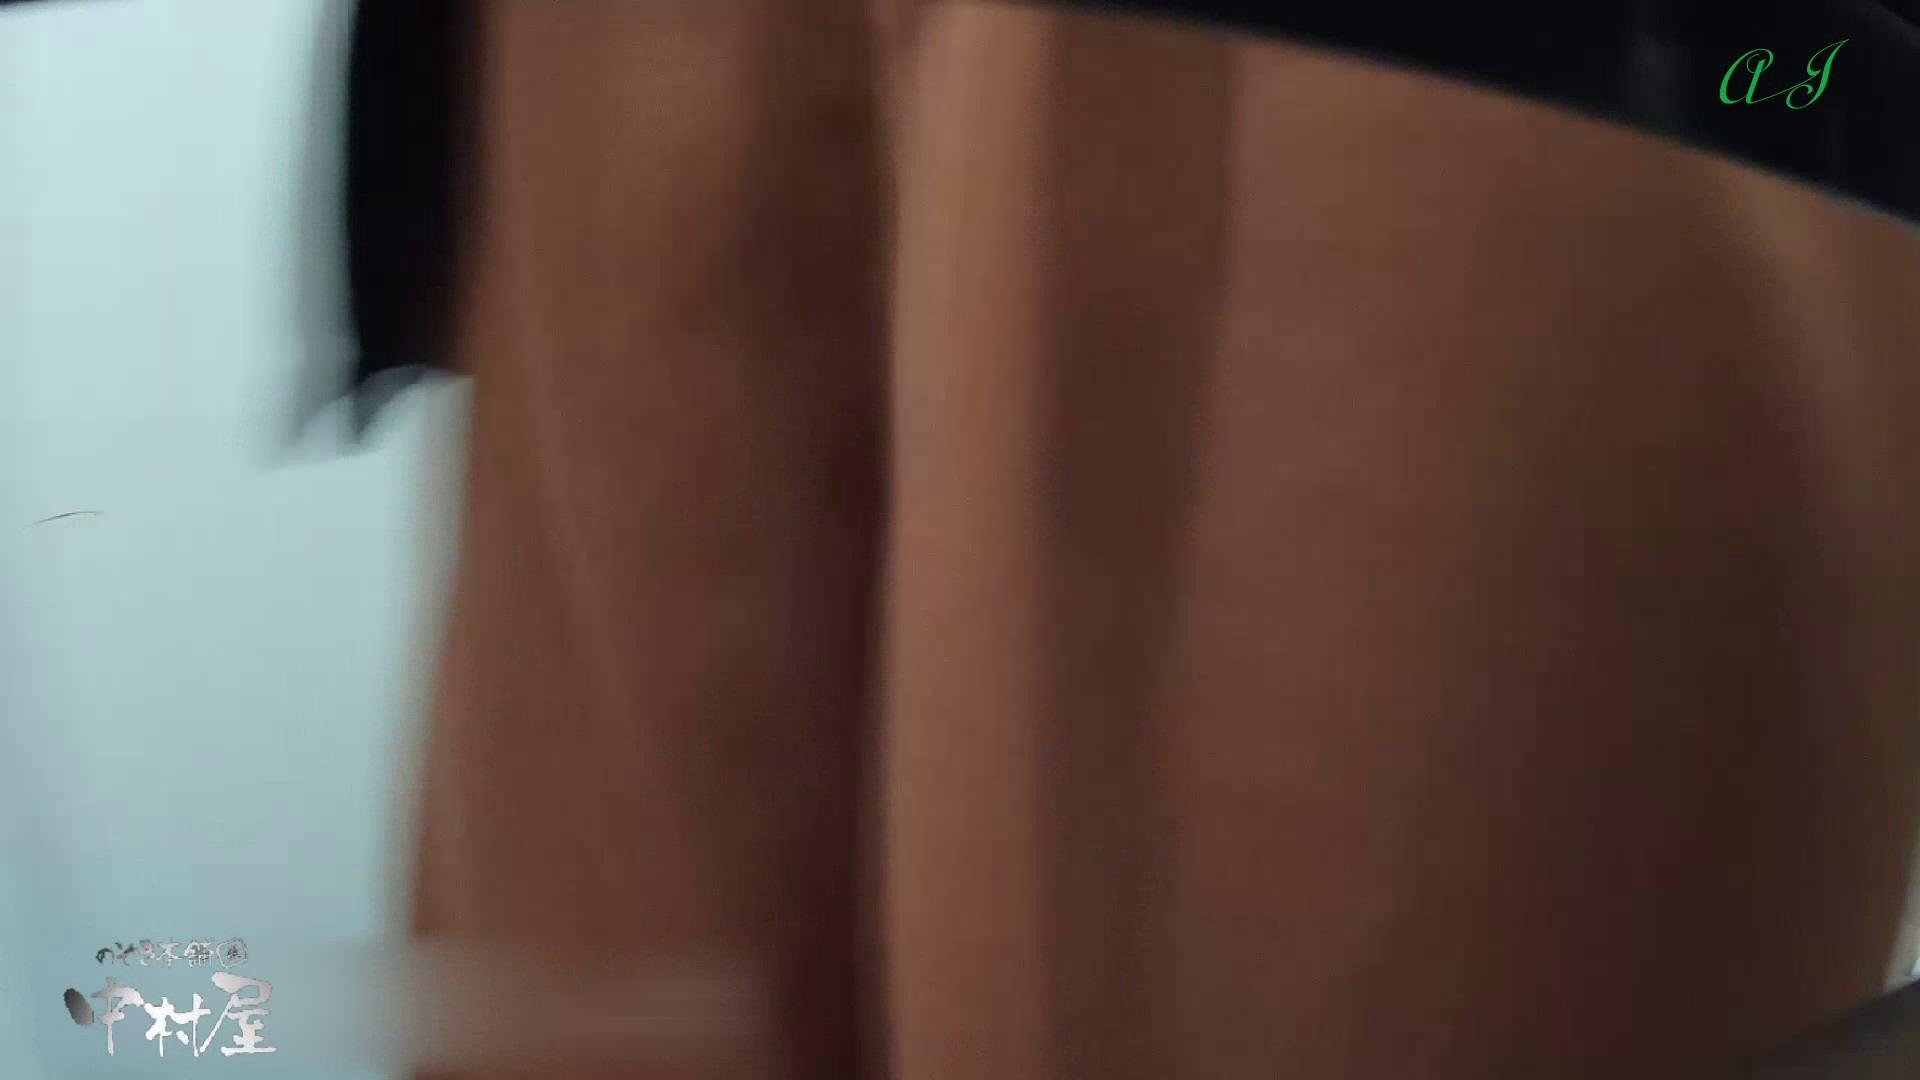 有名大学女性洗面所 vol.78 美女勢揃い 前編 潜入画像 | 人気シリーズ  74画像 31